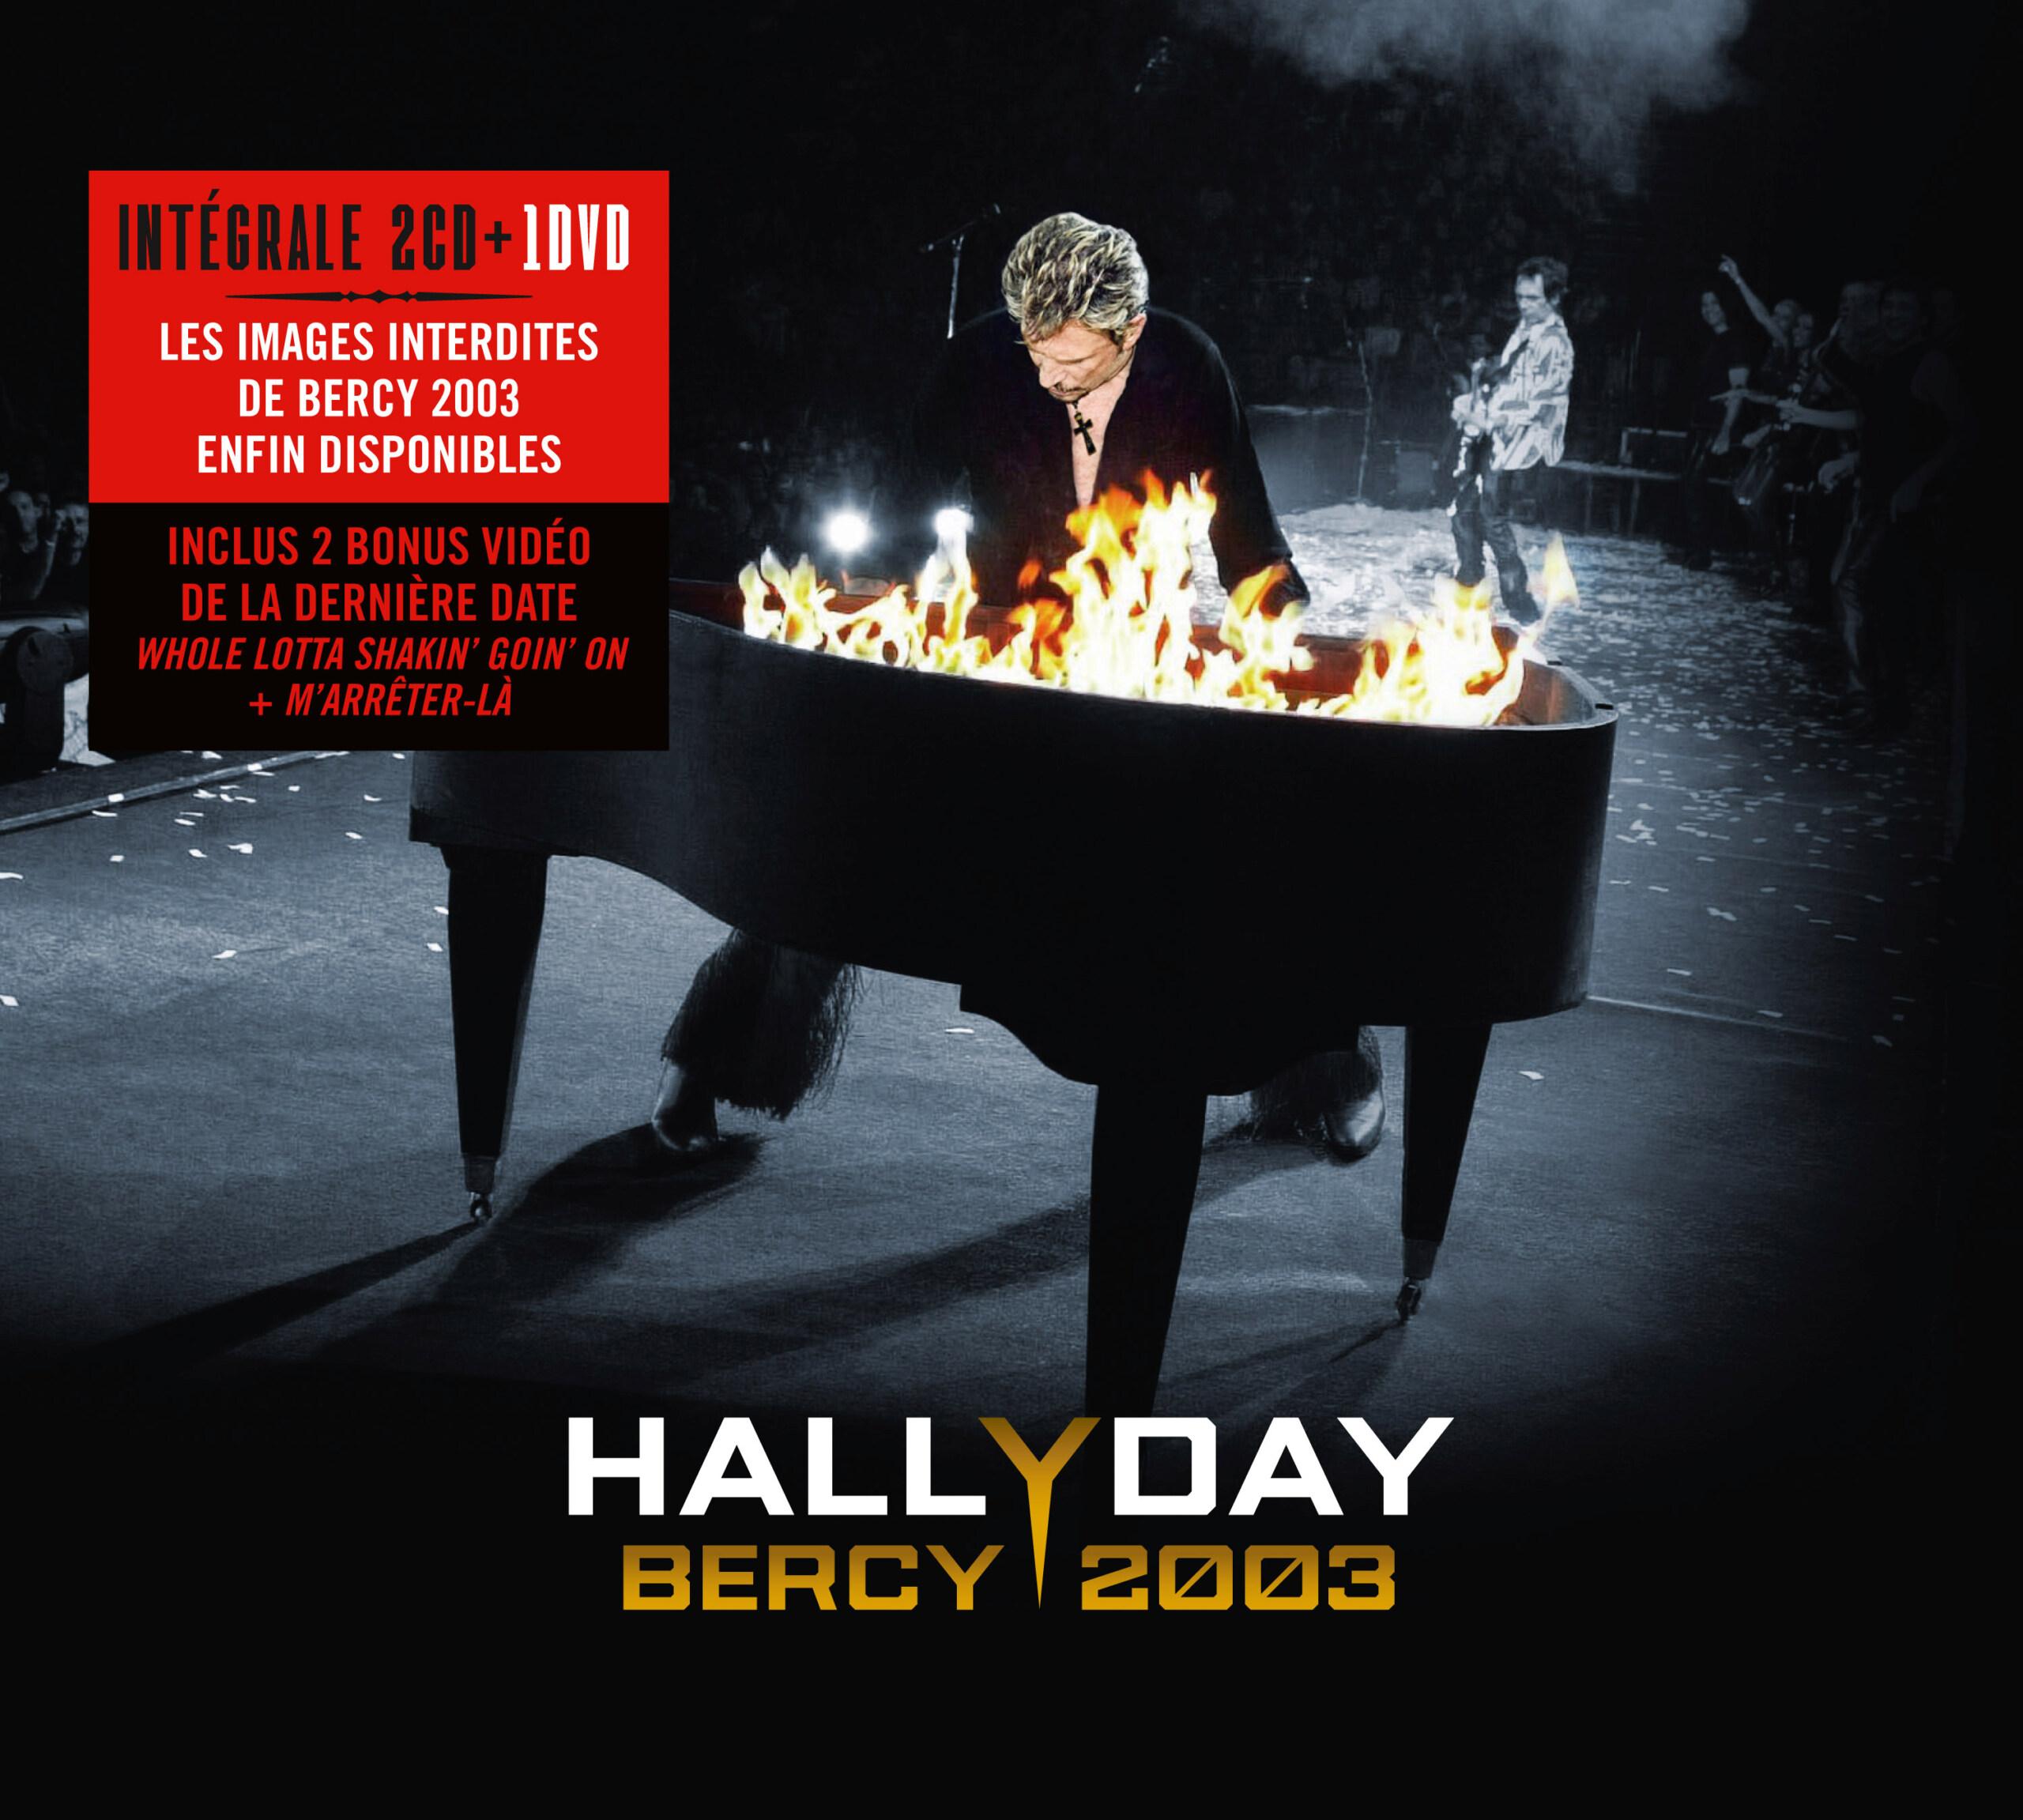 Les visuels de Bercy 2003 06025041